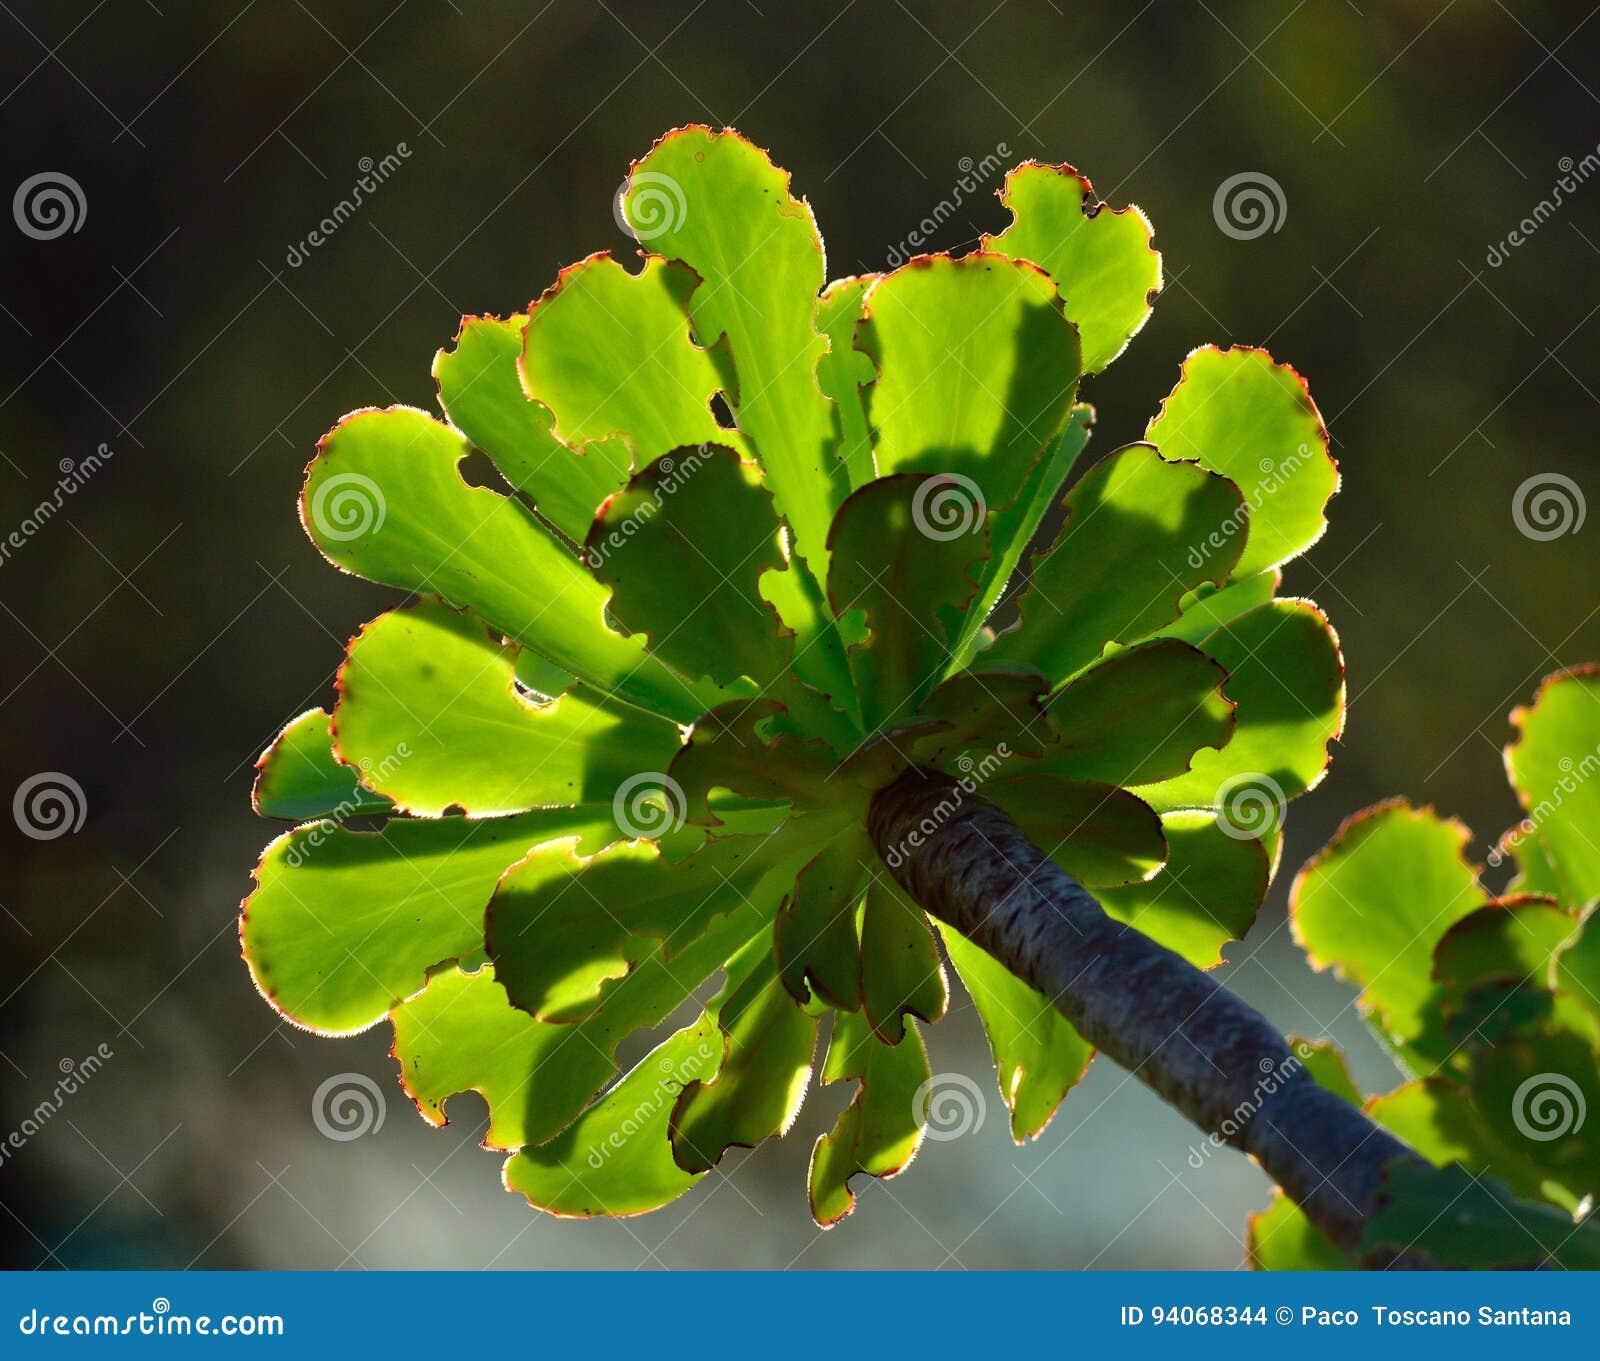 Grüne Rosette von Aeonium